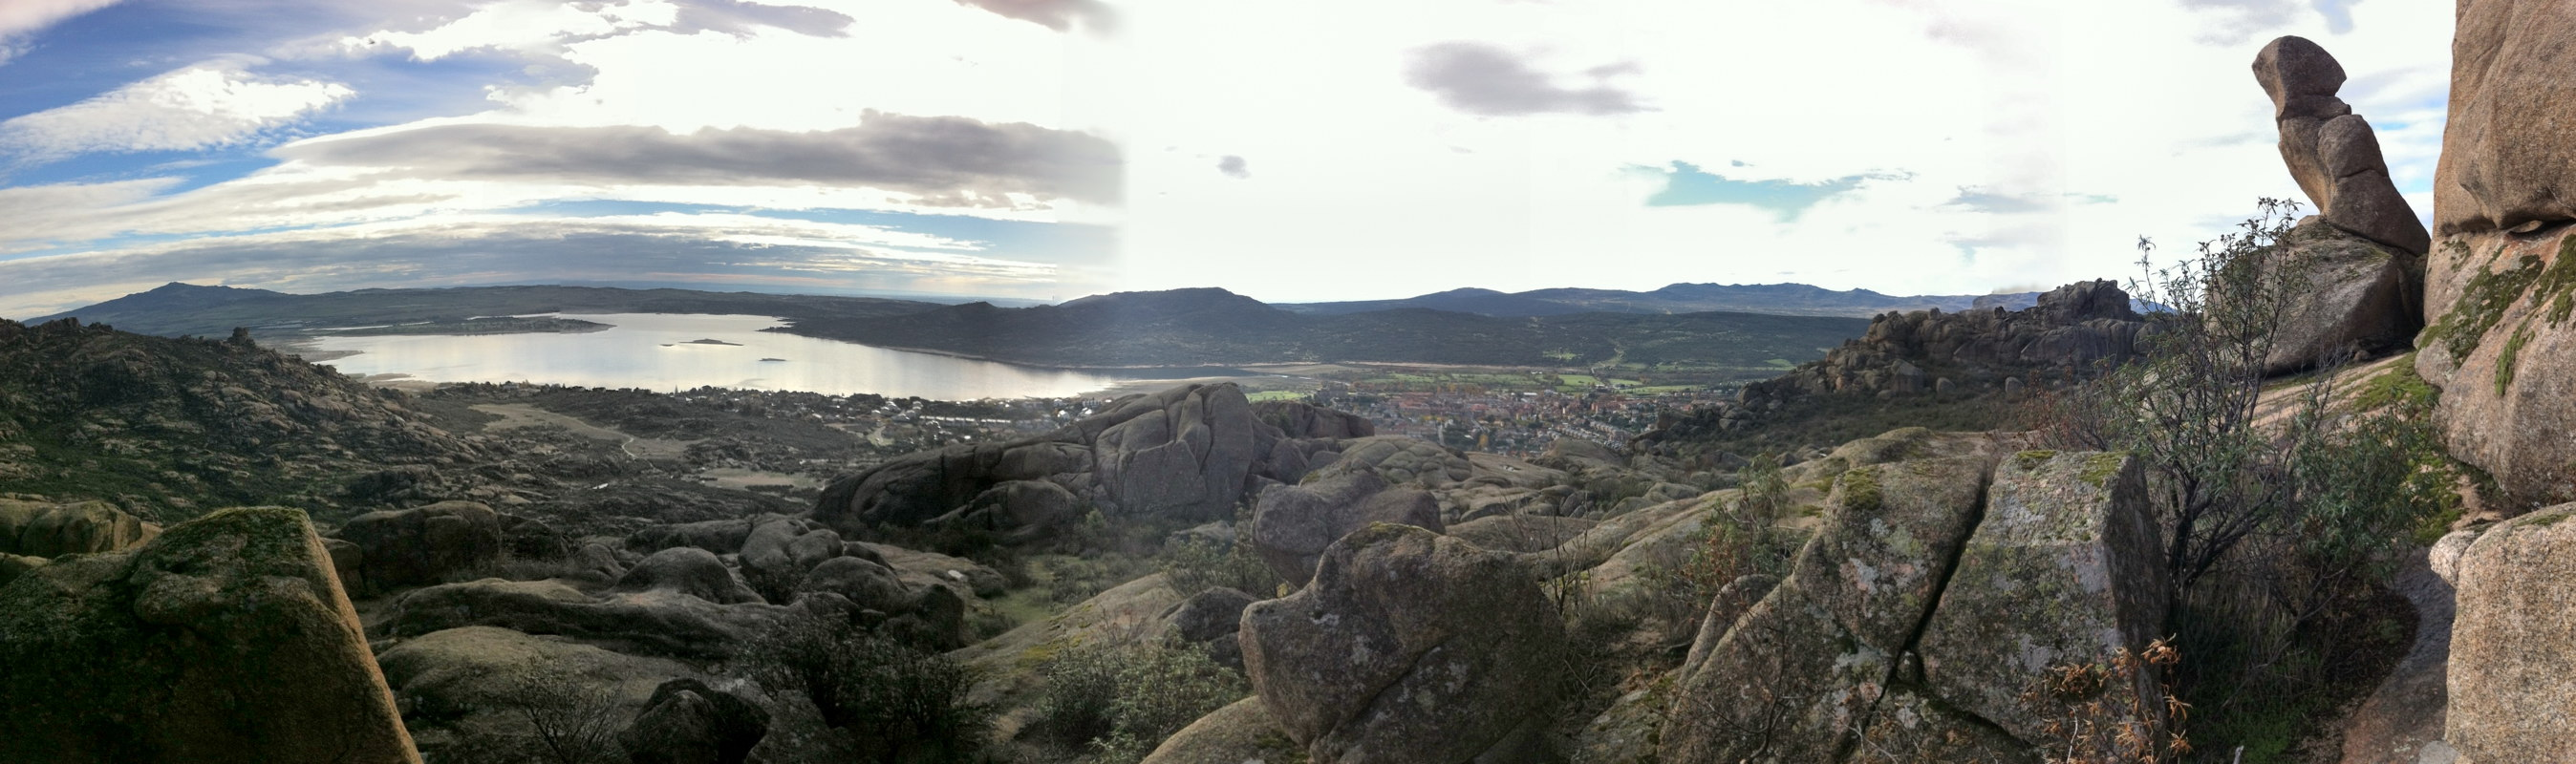 Vistas desde la atalaya / View from a nearby peak